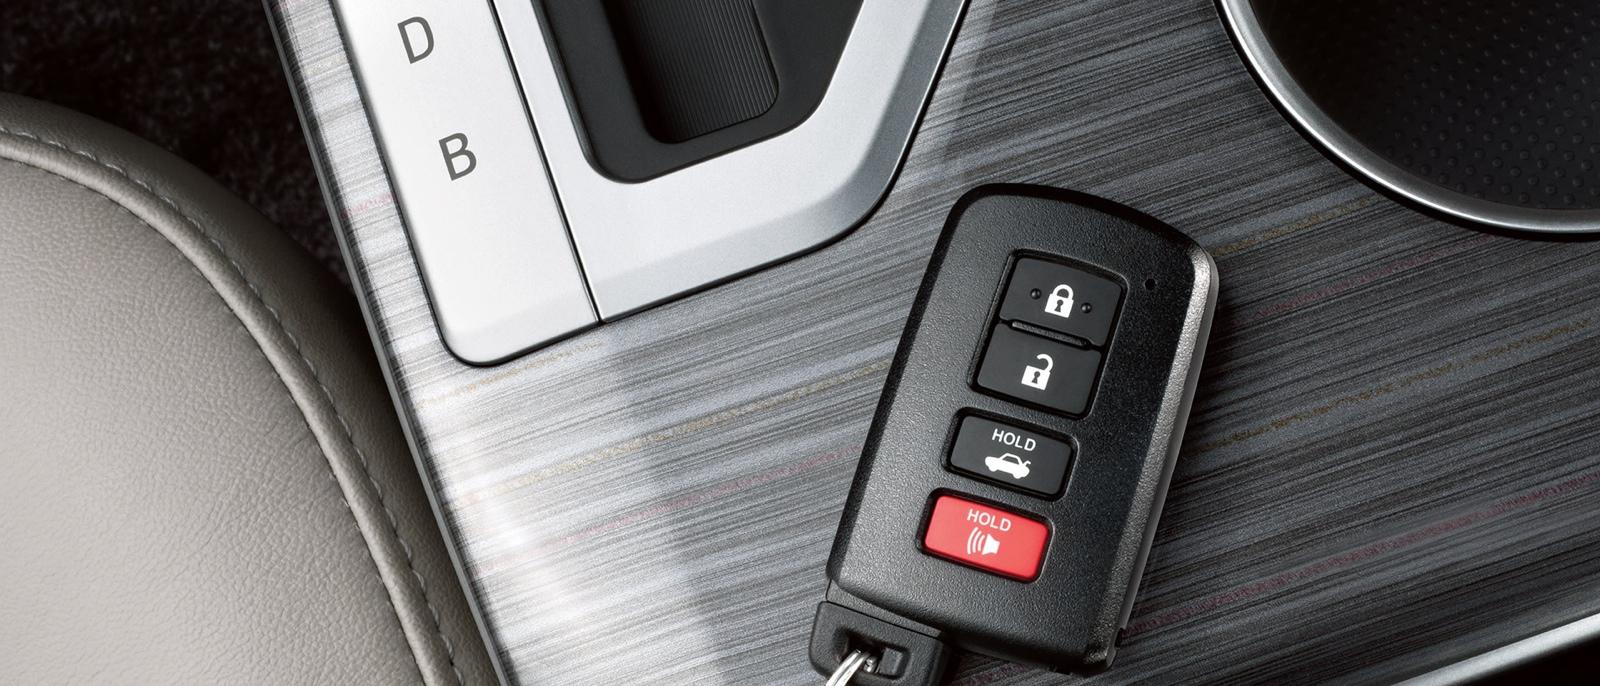 Key to 2015 Toyota Camry Hybrid